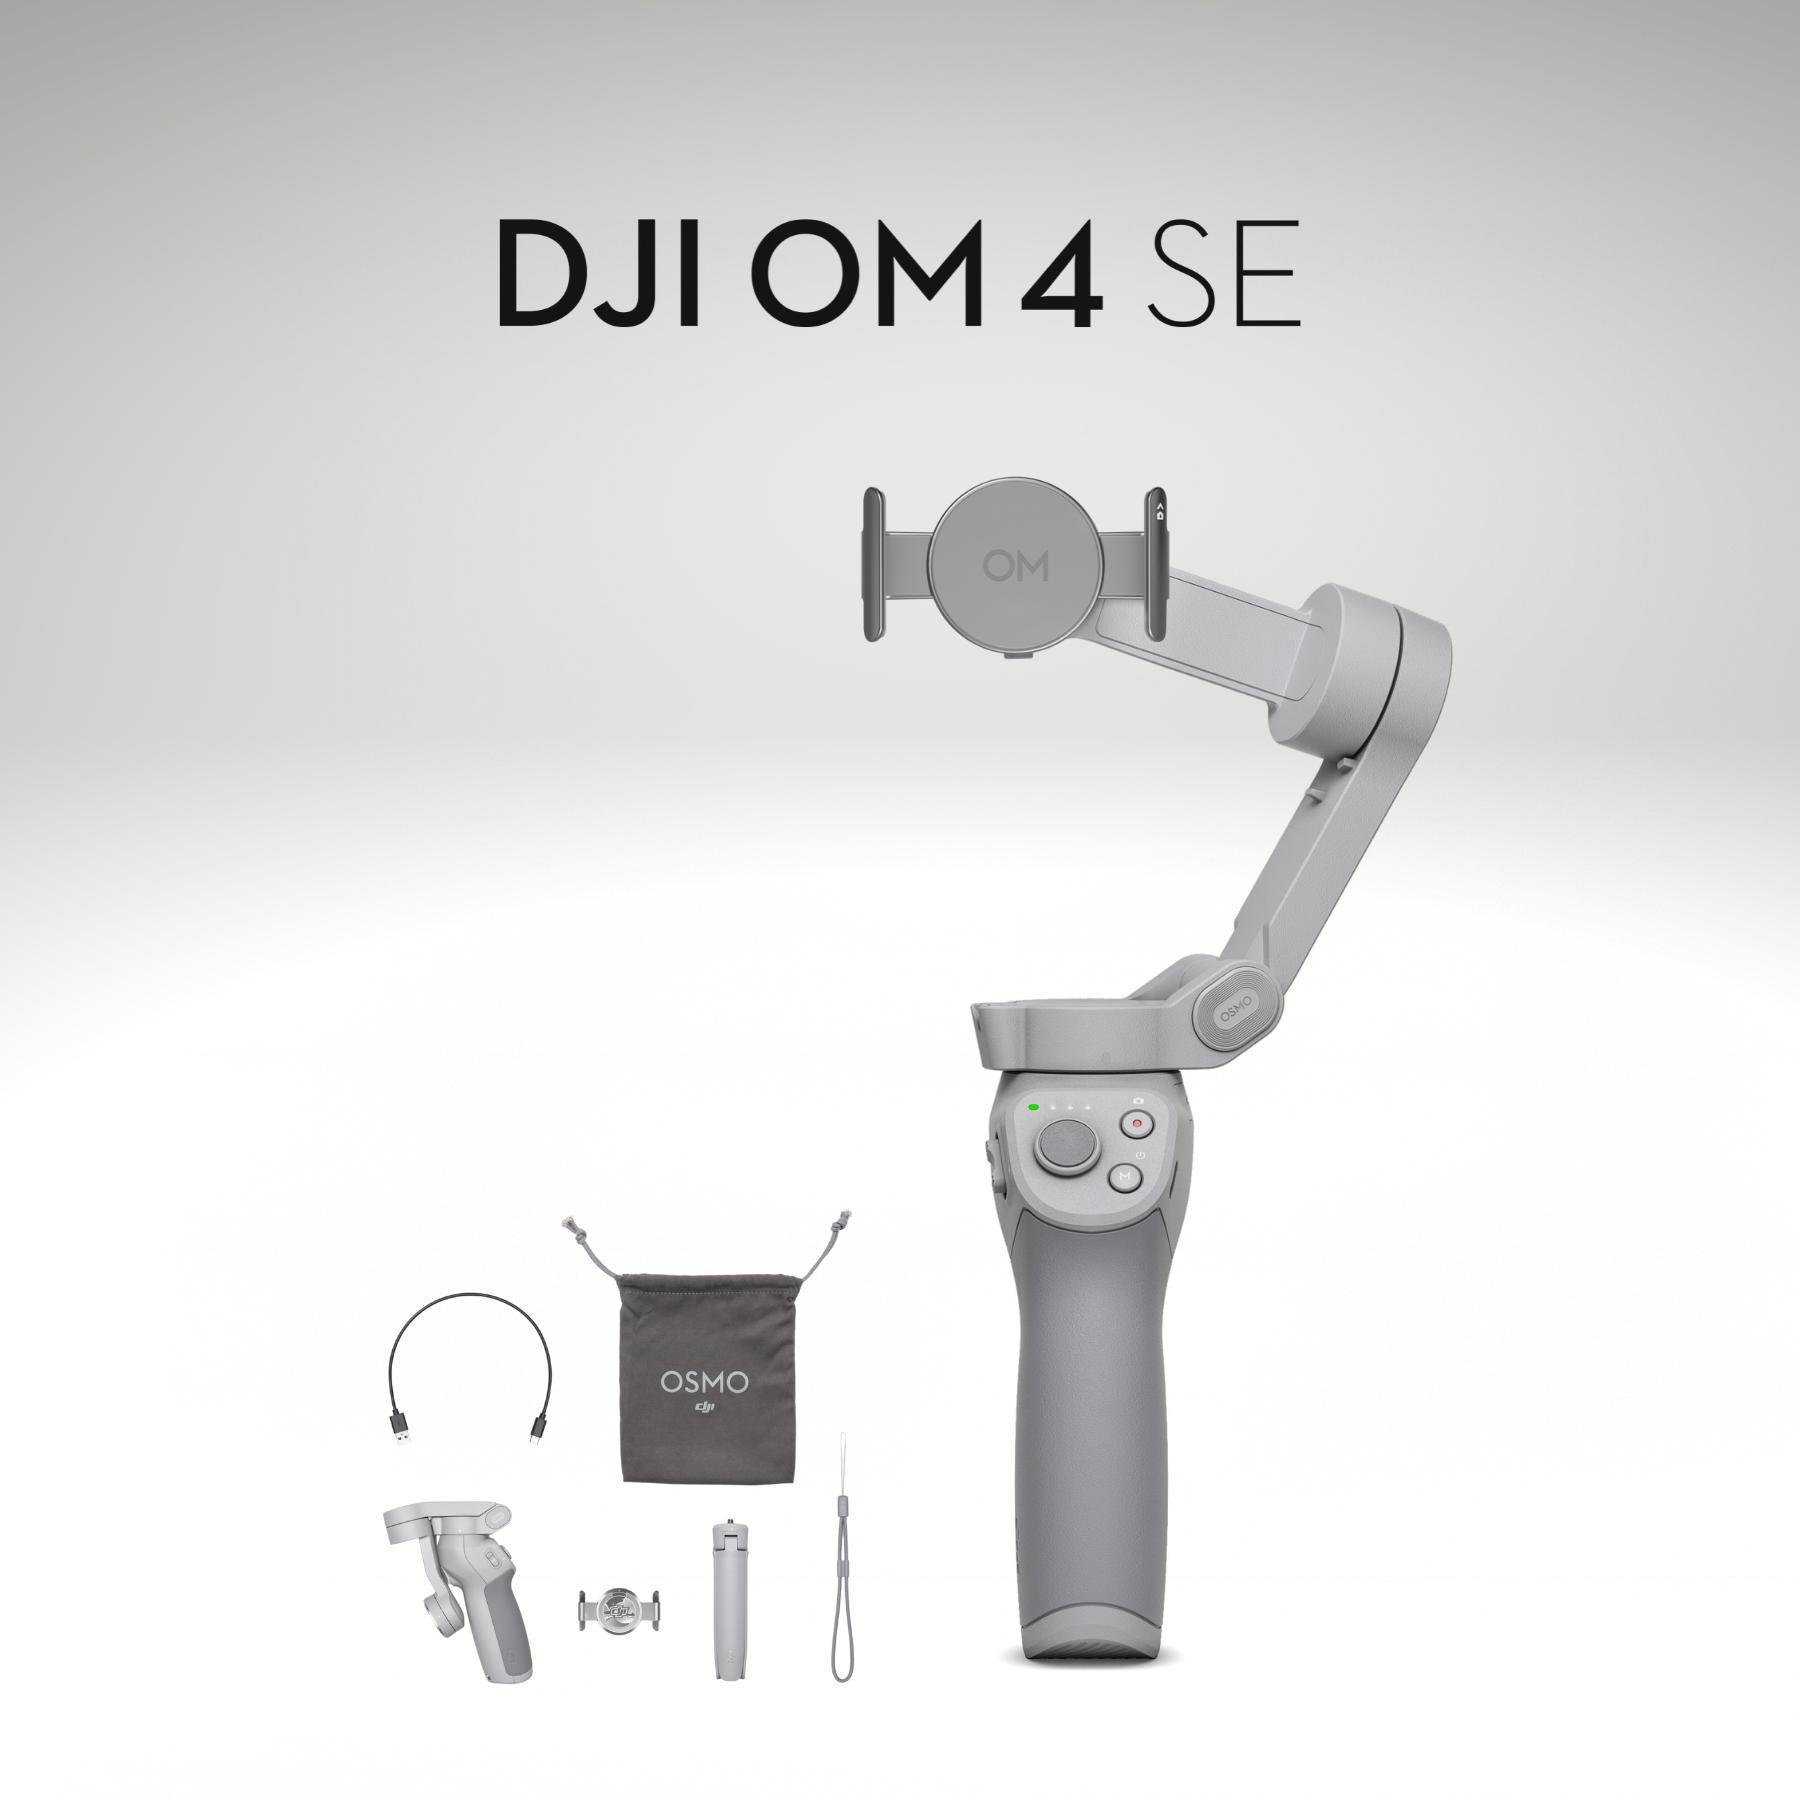 DJI OM4 SE